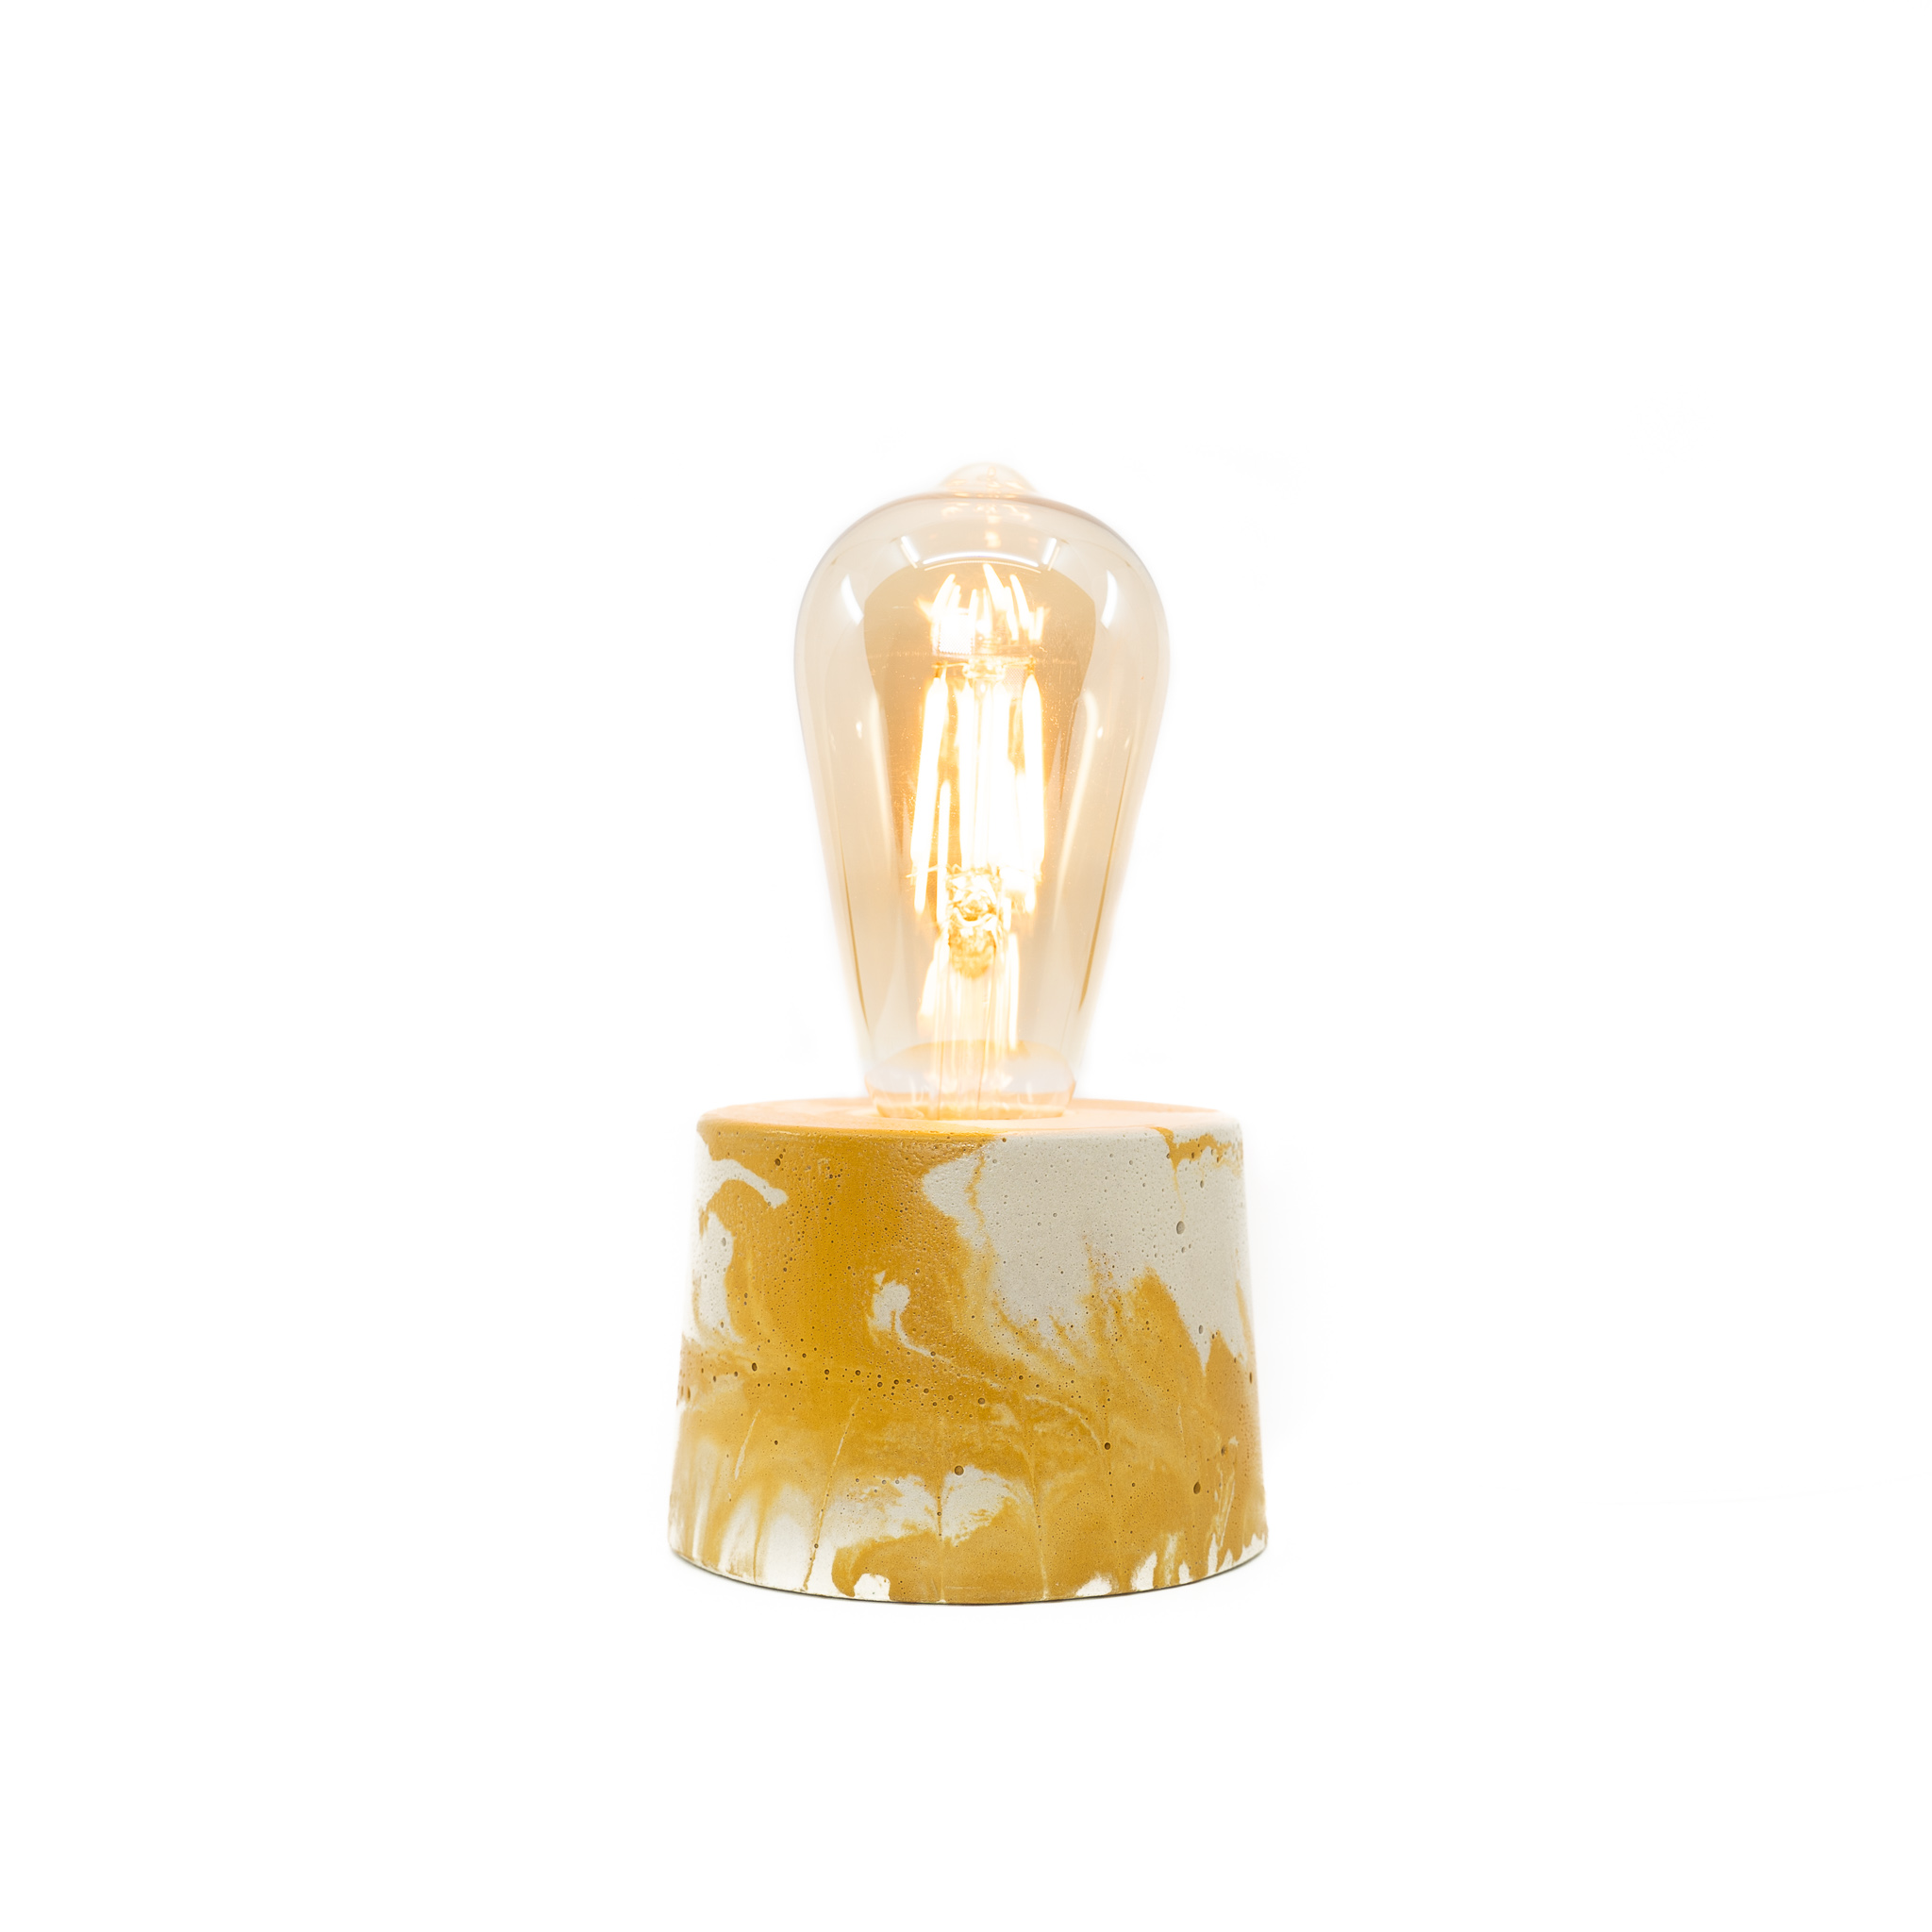 Lampe cylindre marbré en béton jaune et bleu fabrication artisanale